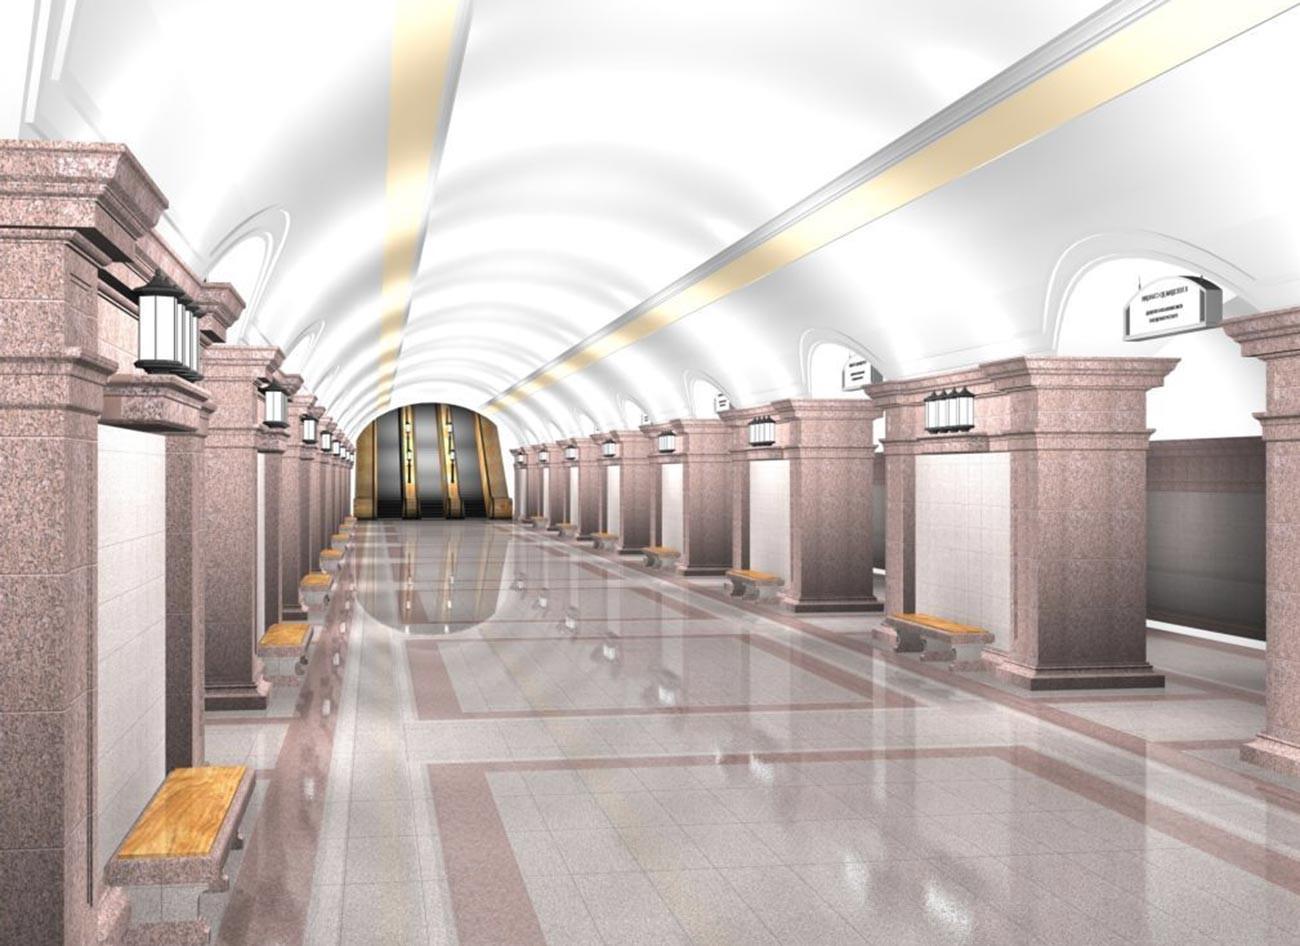 Ecco come potrebbe essere la metropolitana di Chelyabinsk